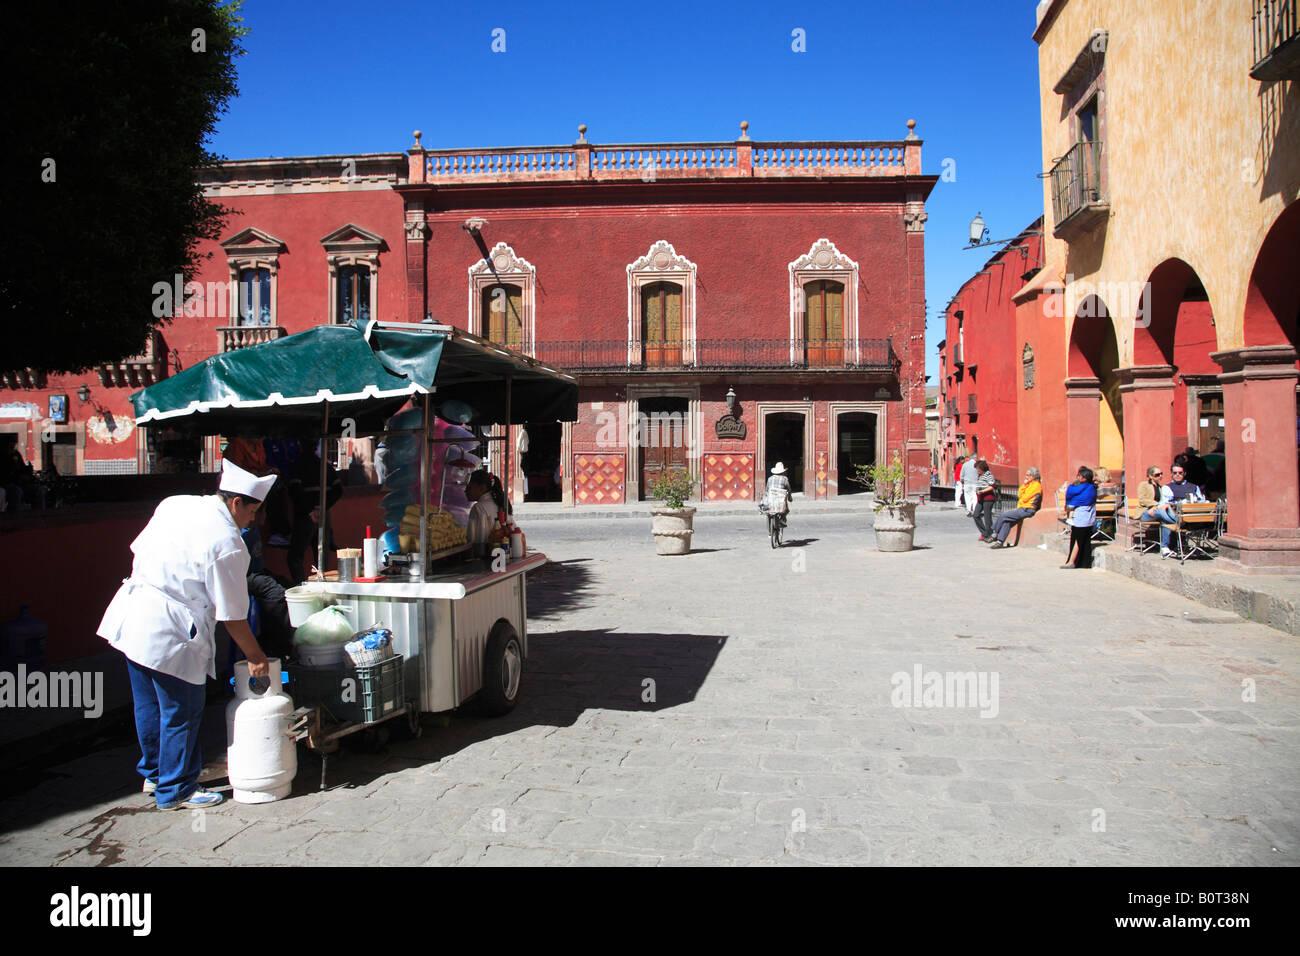 Jardin Principal San Miguel de Allende s main square Mexico - Stock Image